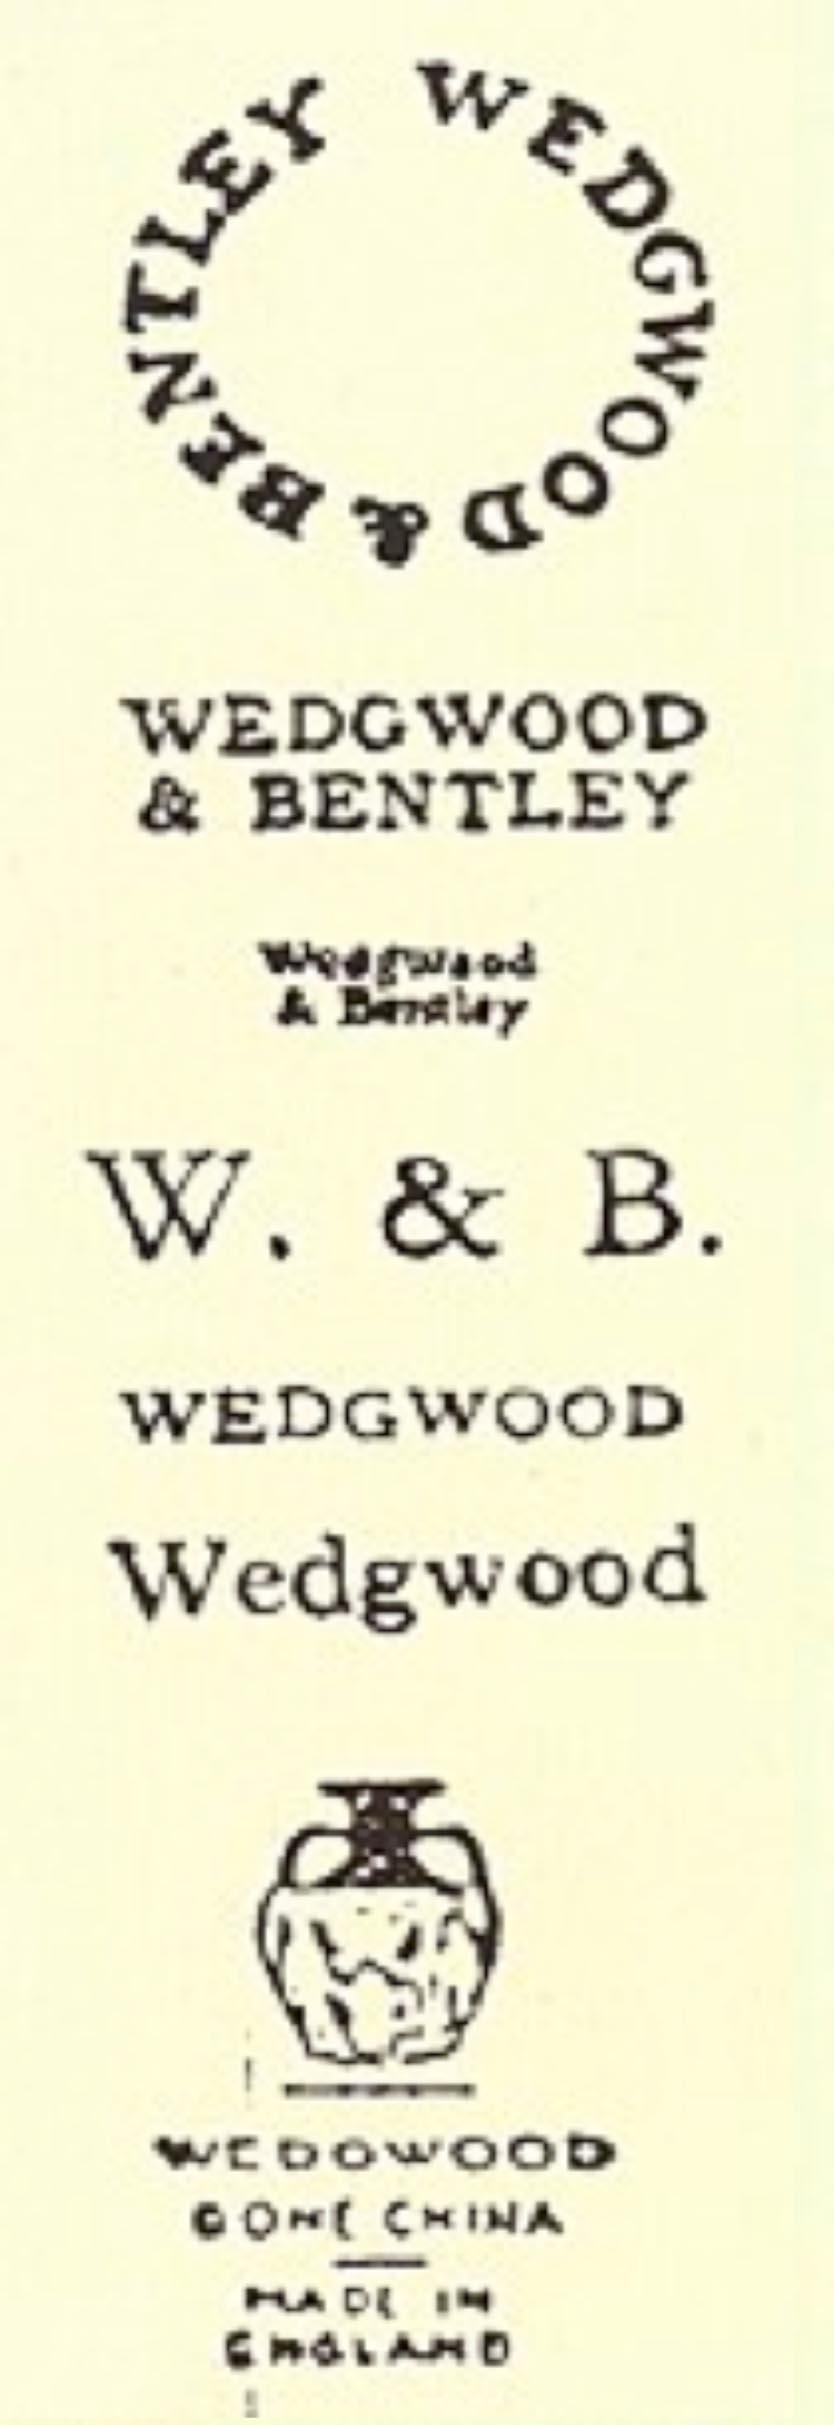 """Caughley: Salopian'ı vurgulayan harfler, Caughley'i simgeleyen """"C"""" harfi ve yarım ay motifleri, genellikle sıraltı mavi renkte kullanıldılar."""